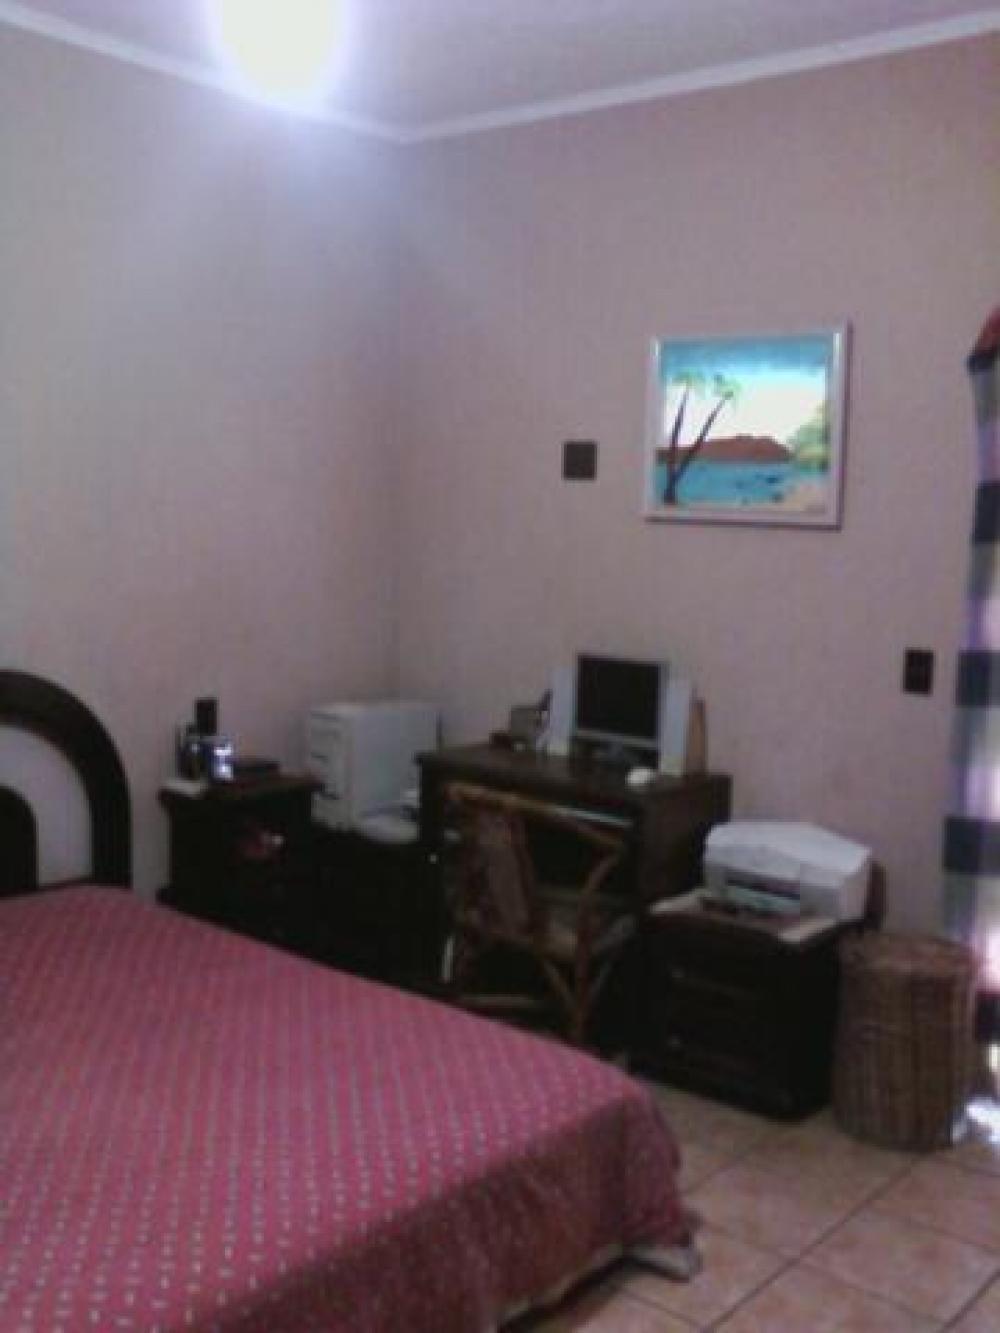 Comprar Casa / Padrão em São José do Rio Preto R$ 1.500.000,00 - Foto 29